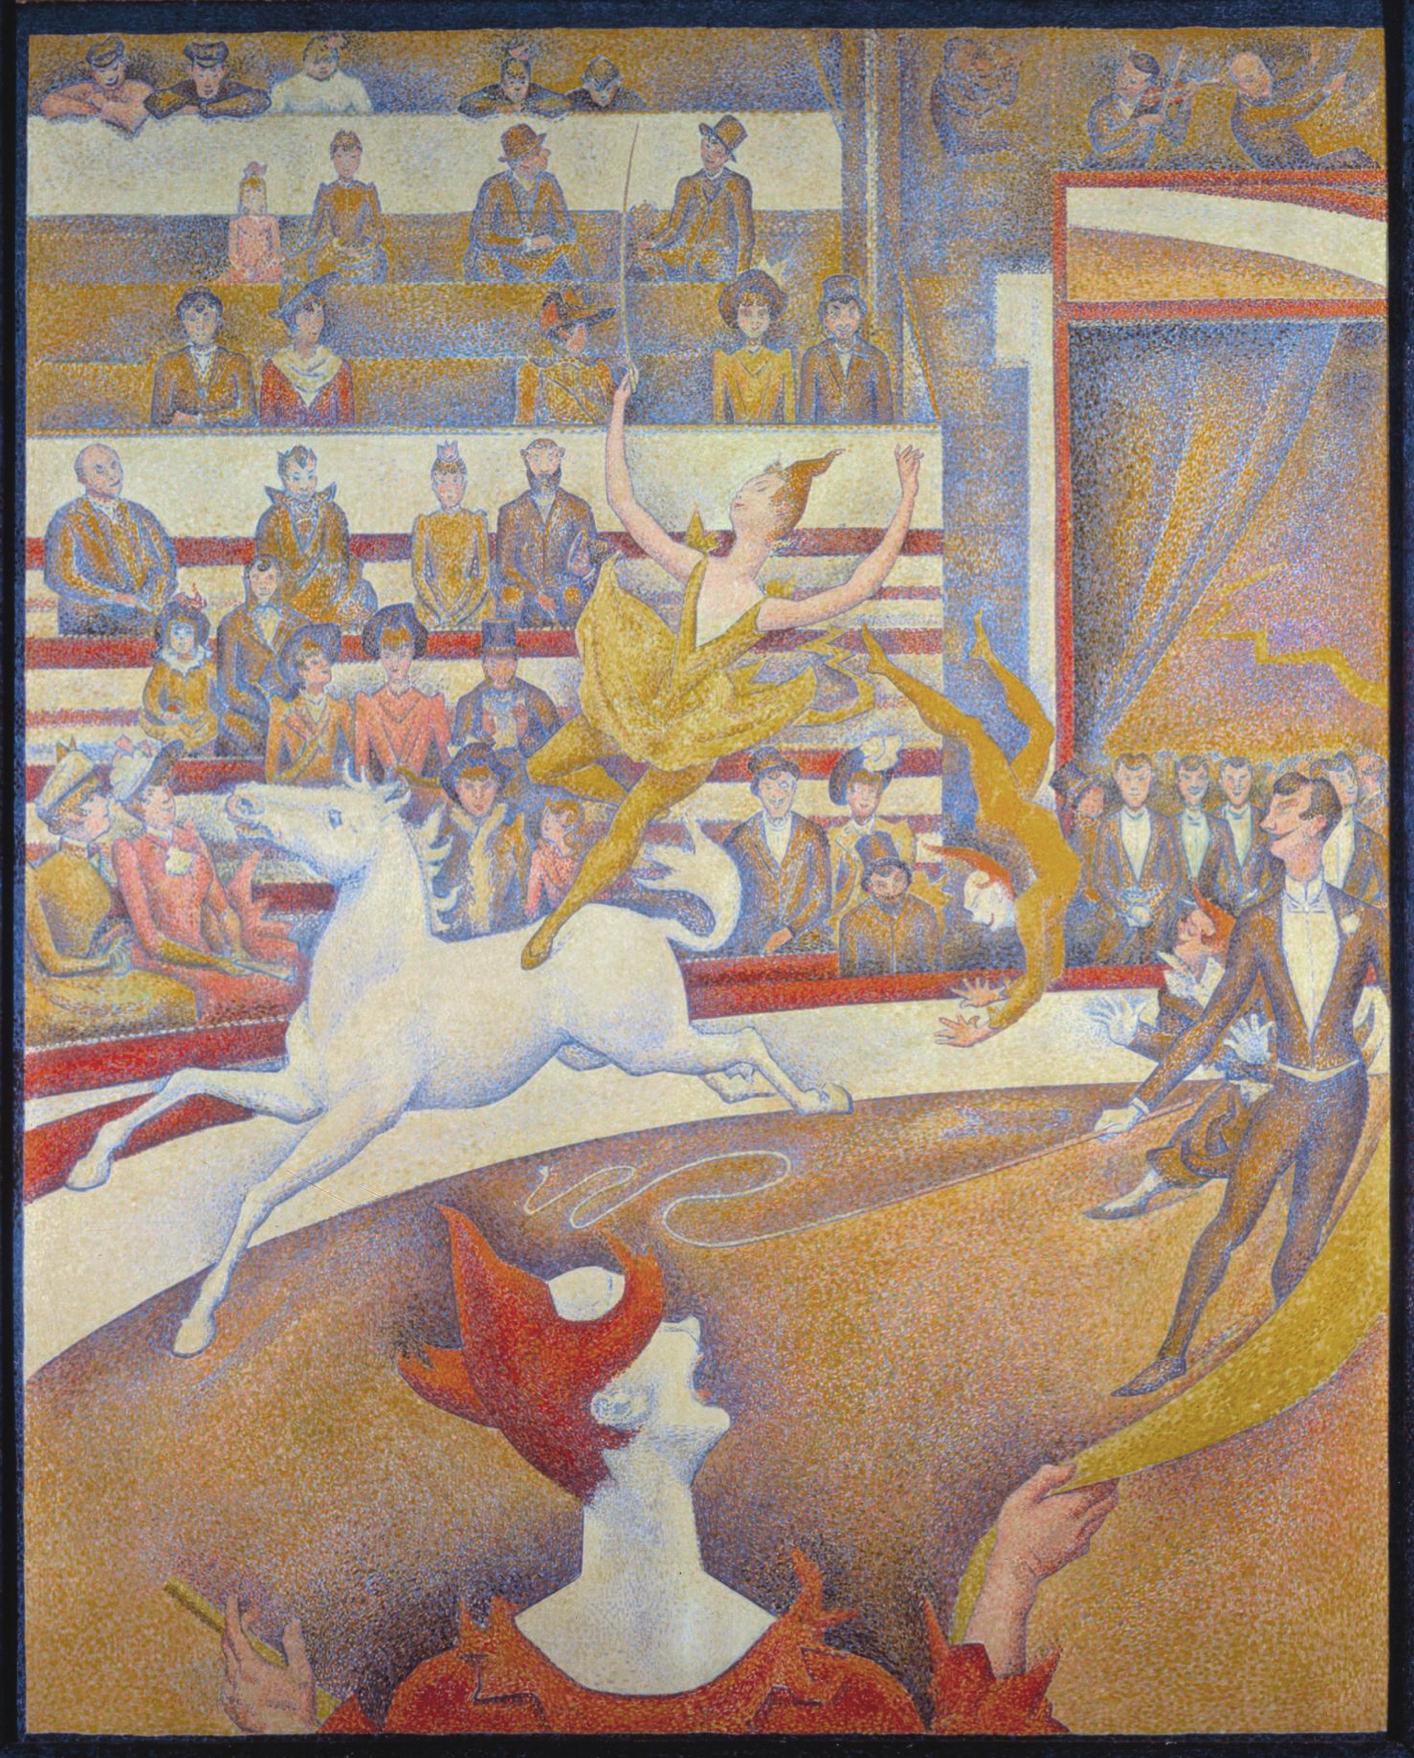 Der Zirkus Georges Seurat, 1891